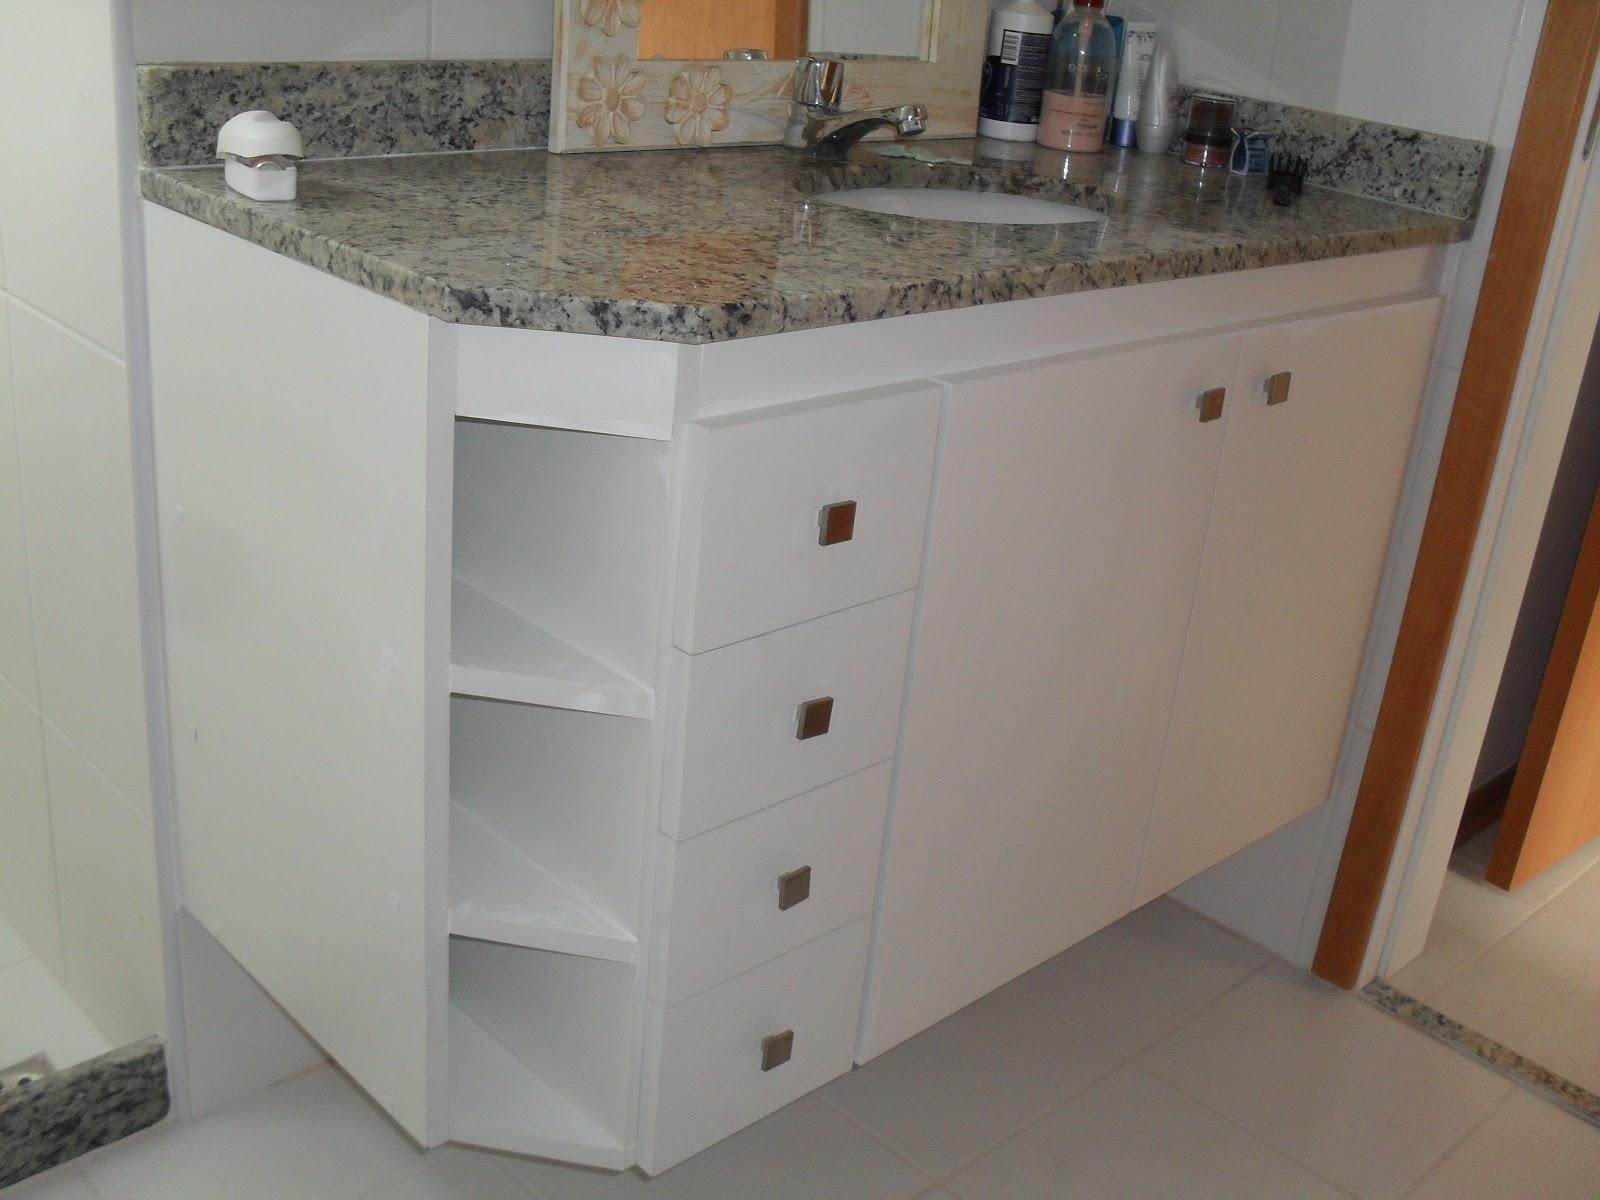 armário de banheiro acabamento de primeira qualidade em mdf #946137 1600x1200 Banheiro Acabamento